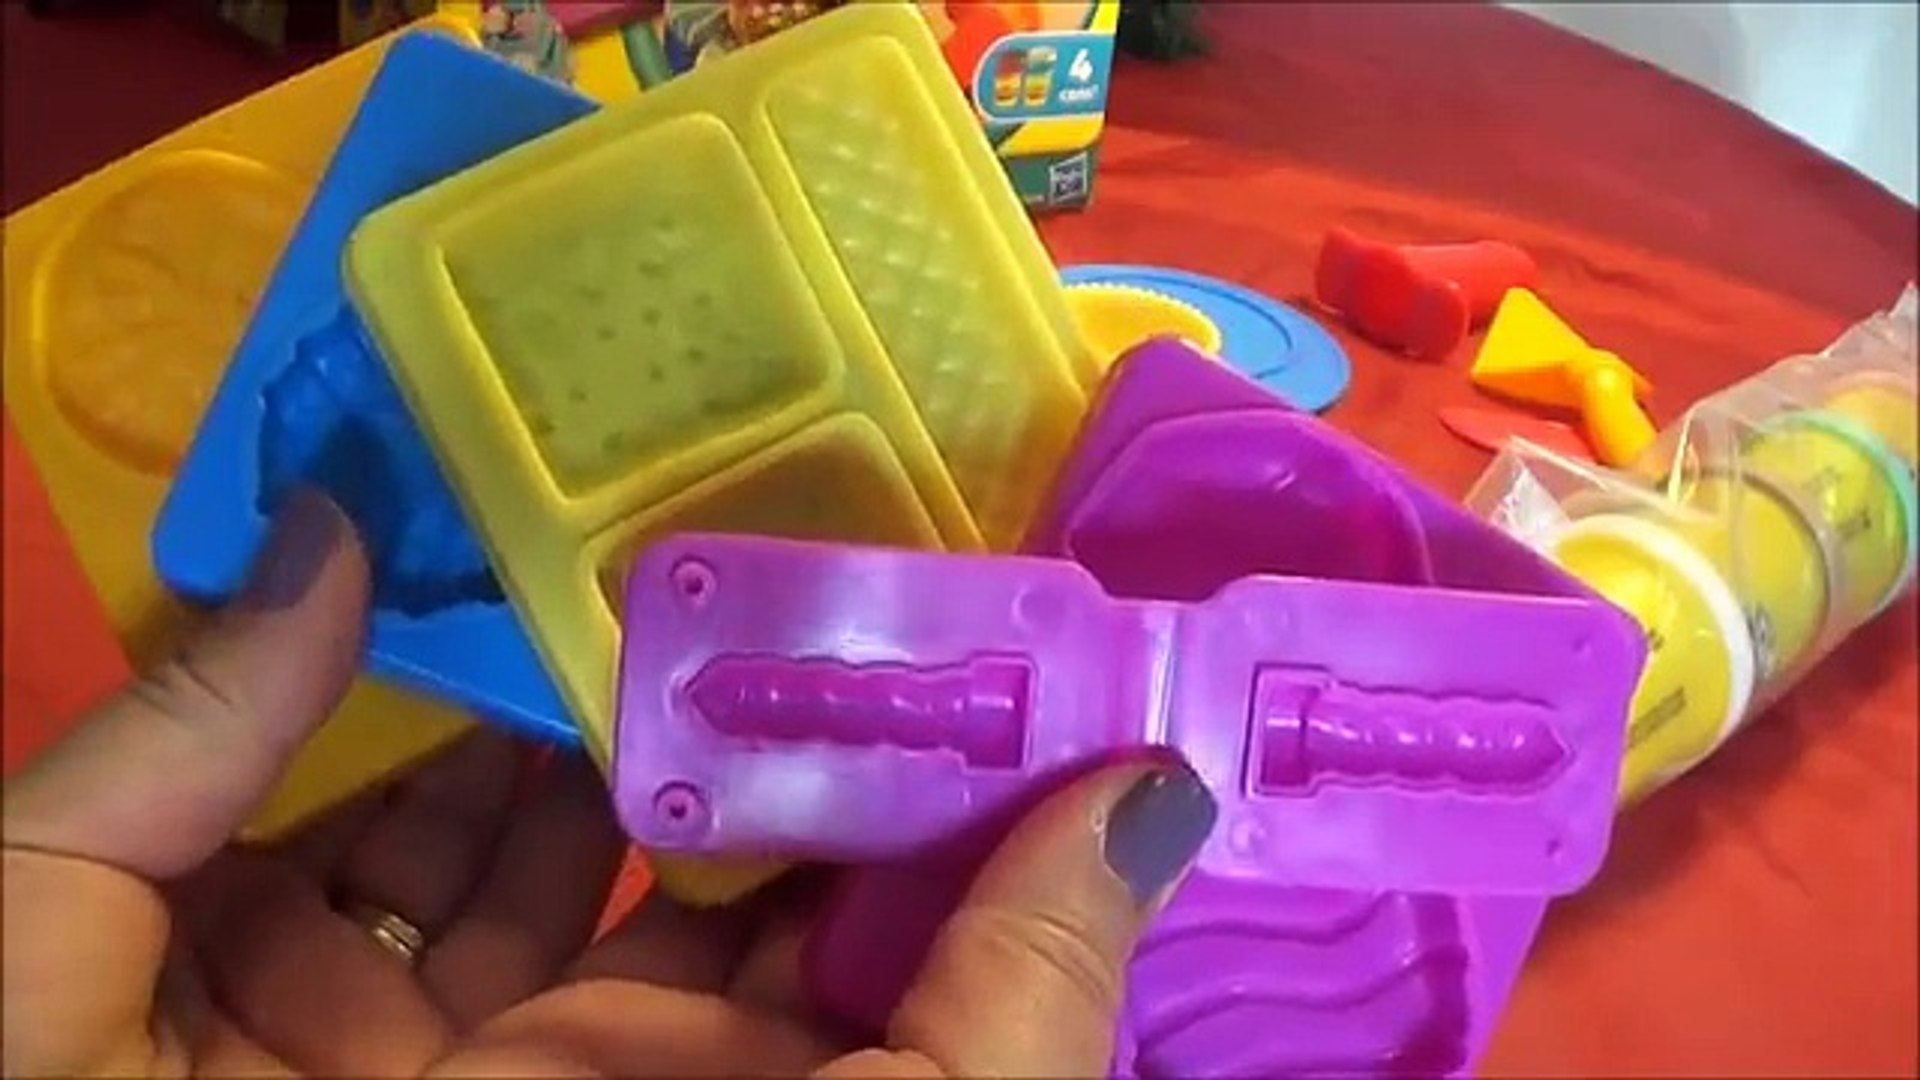 Печенье де де по из также доч ан s печенье пластилин играть играть-DOH español